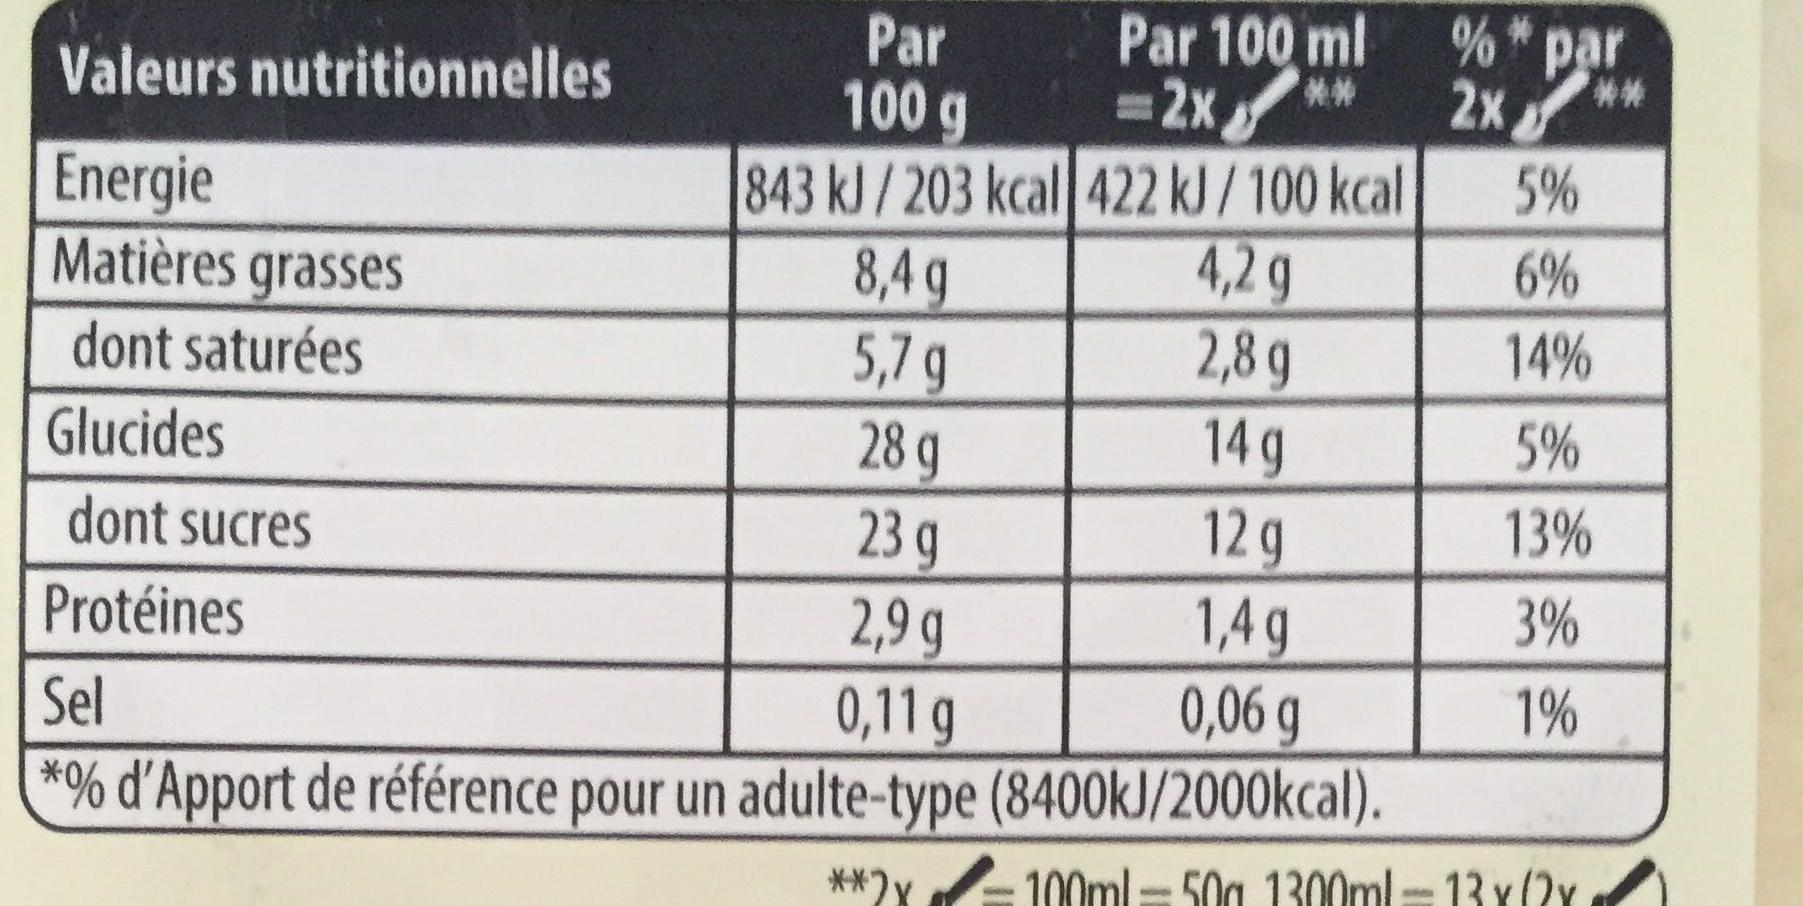 Glace à la vanille - Nutrition facts - fr